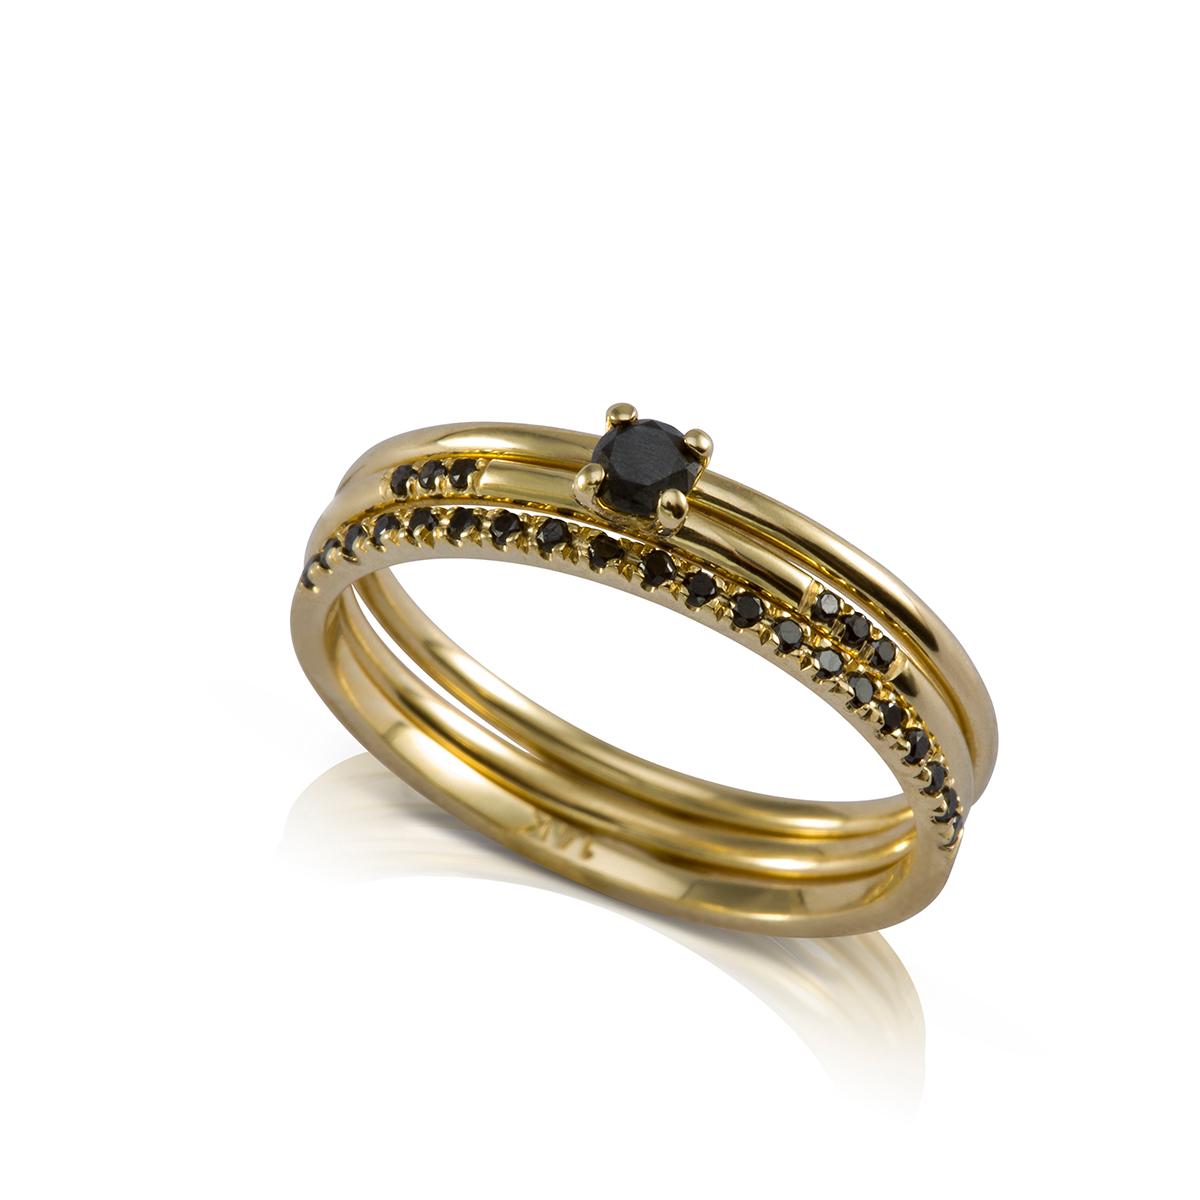 סט 3 טבעות זהב דקות בשילוב יהלומים שחורים